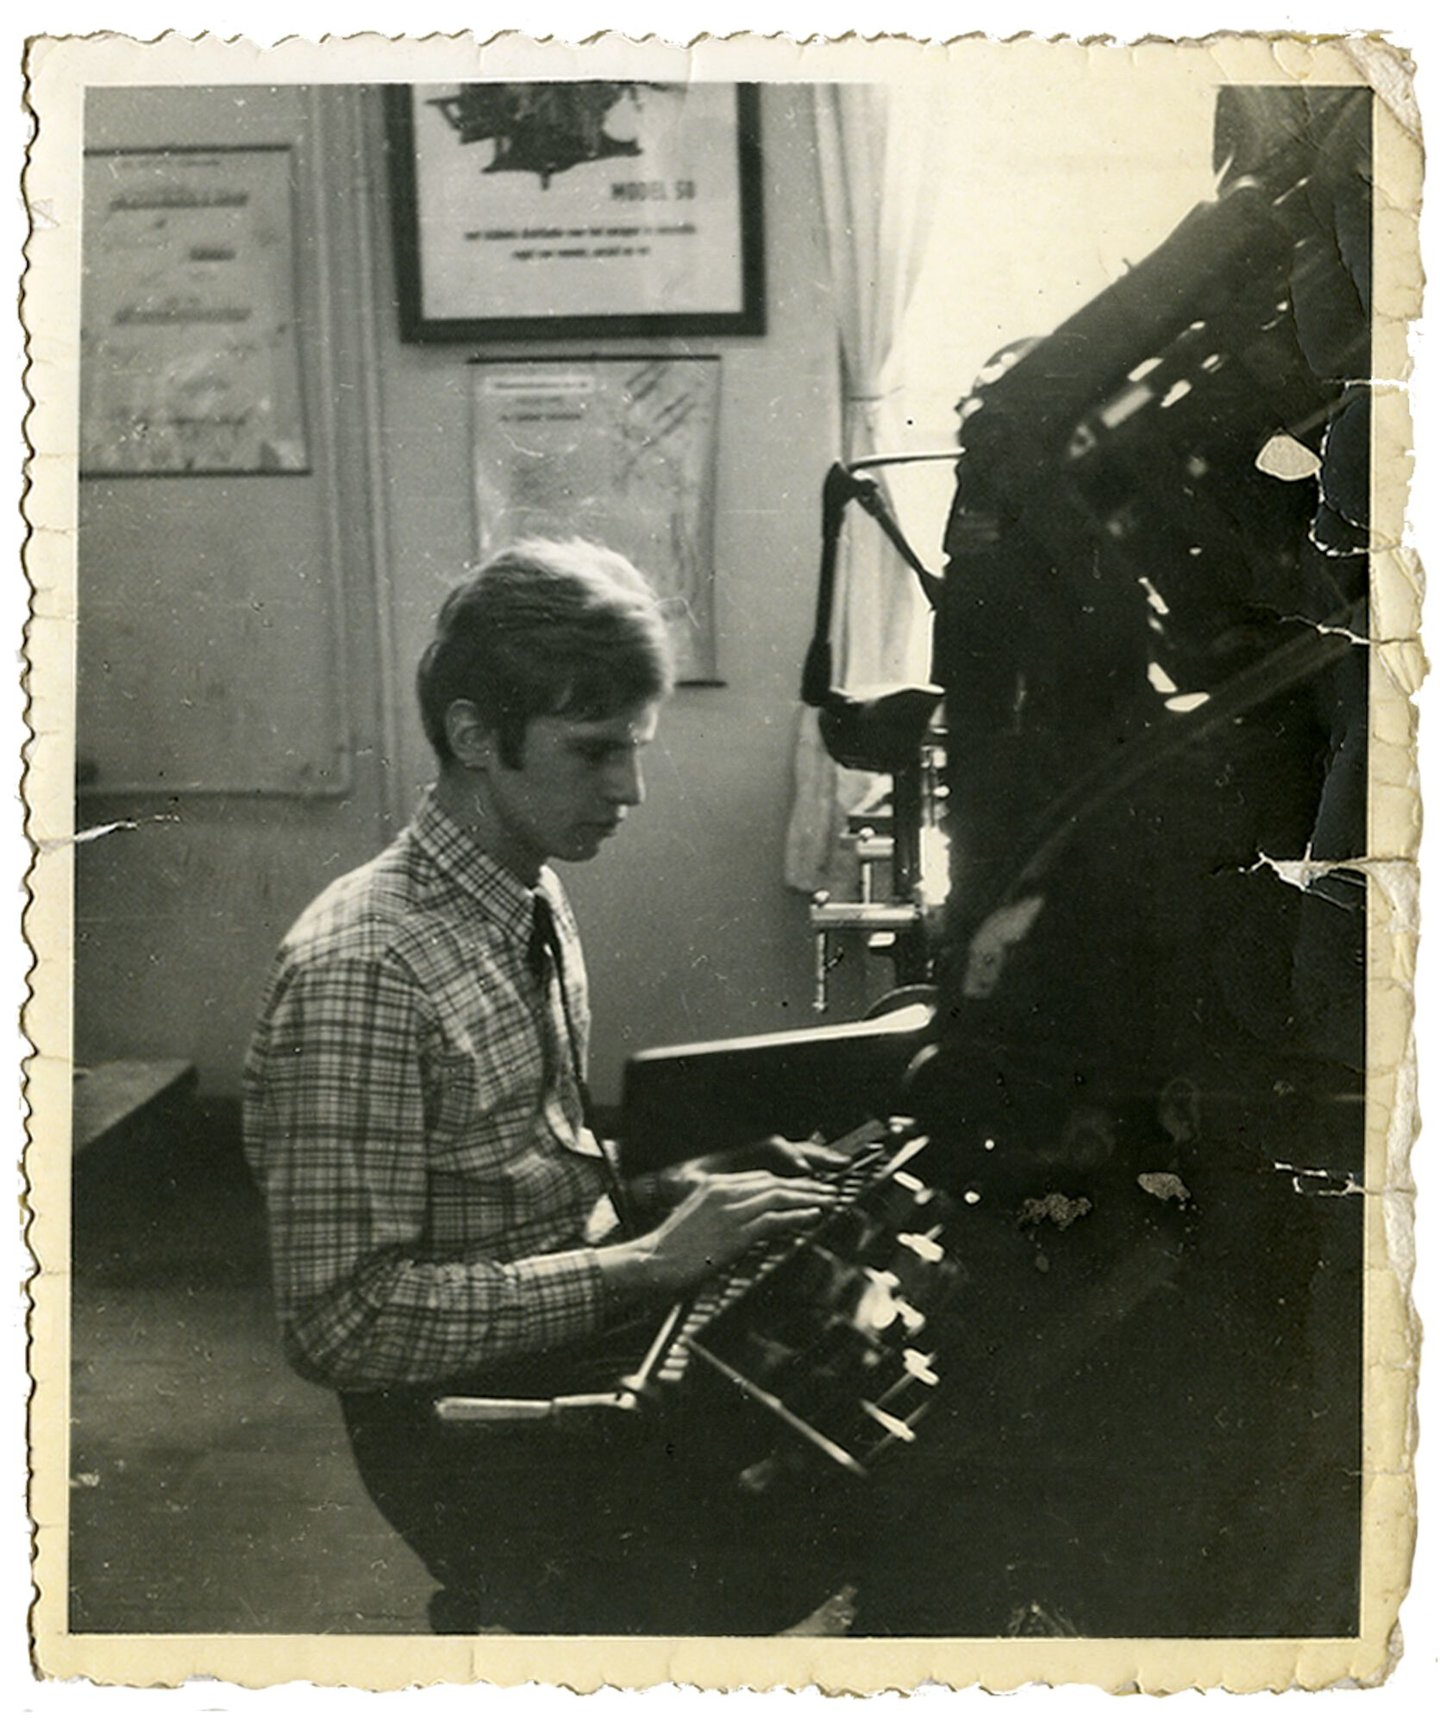 Daniël De Ridder aan de Linotype